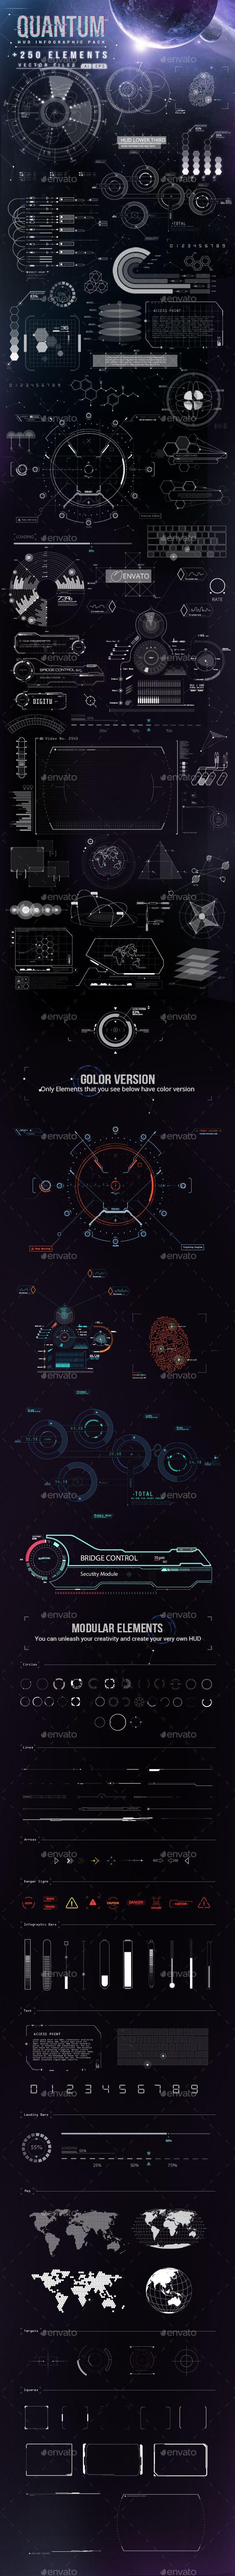 Quantum - HiTech HUD Creator Kit by PixFlow on Envato